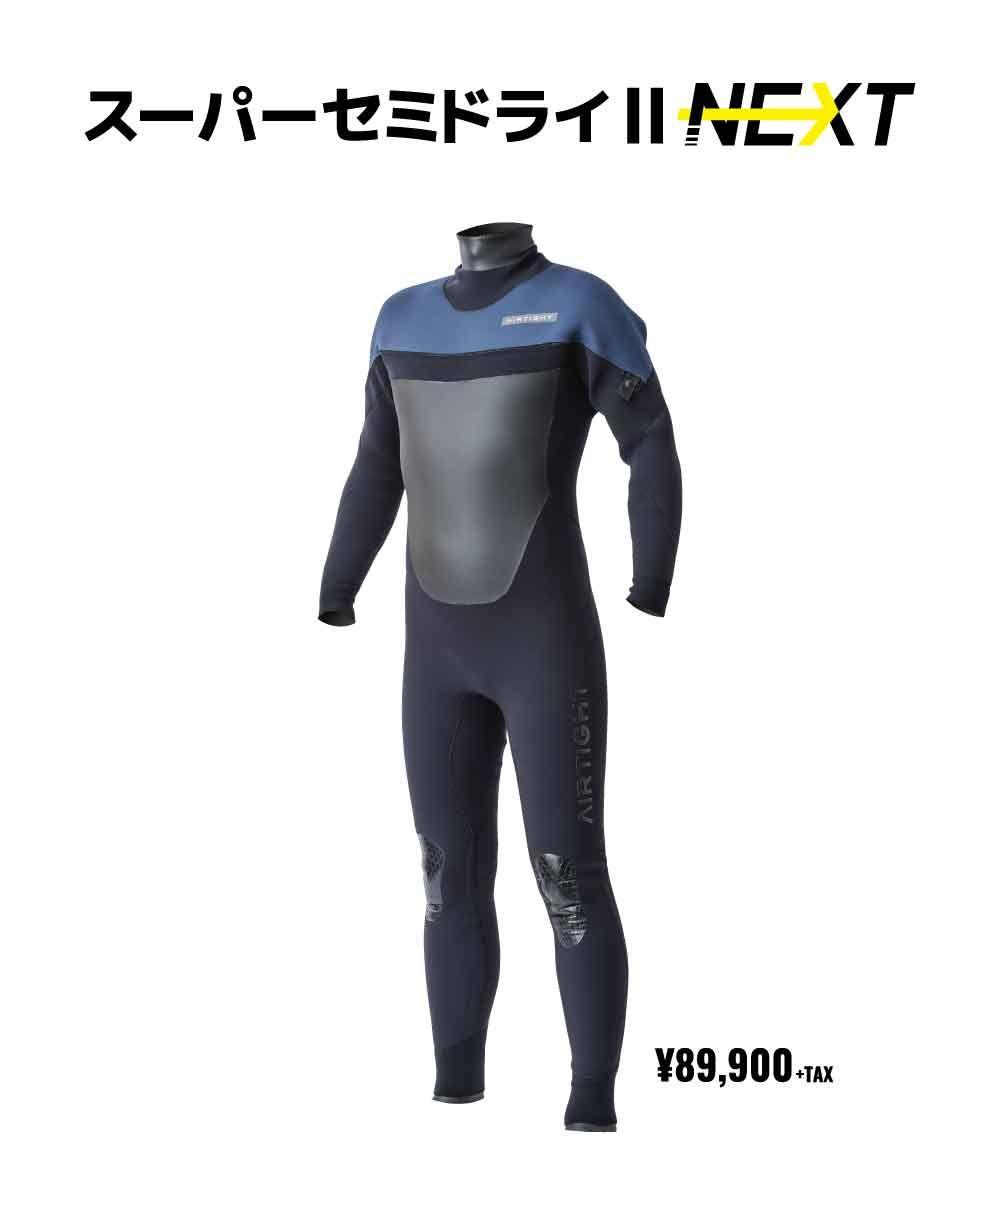 スーパーセミドライ2ネクスト¥89,900